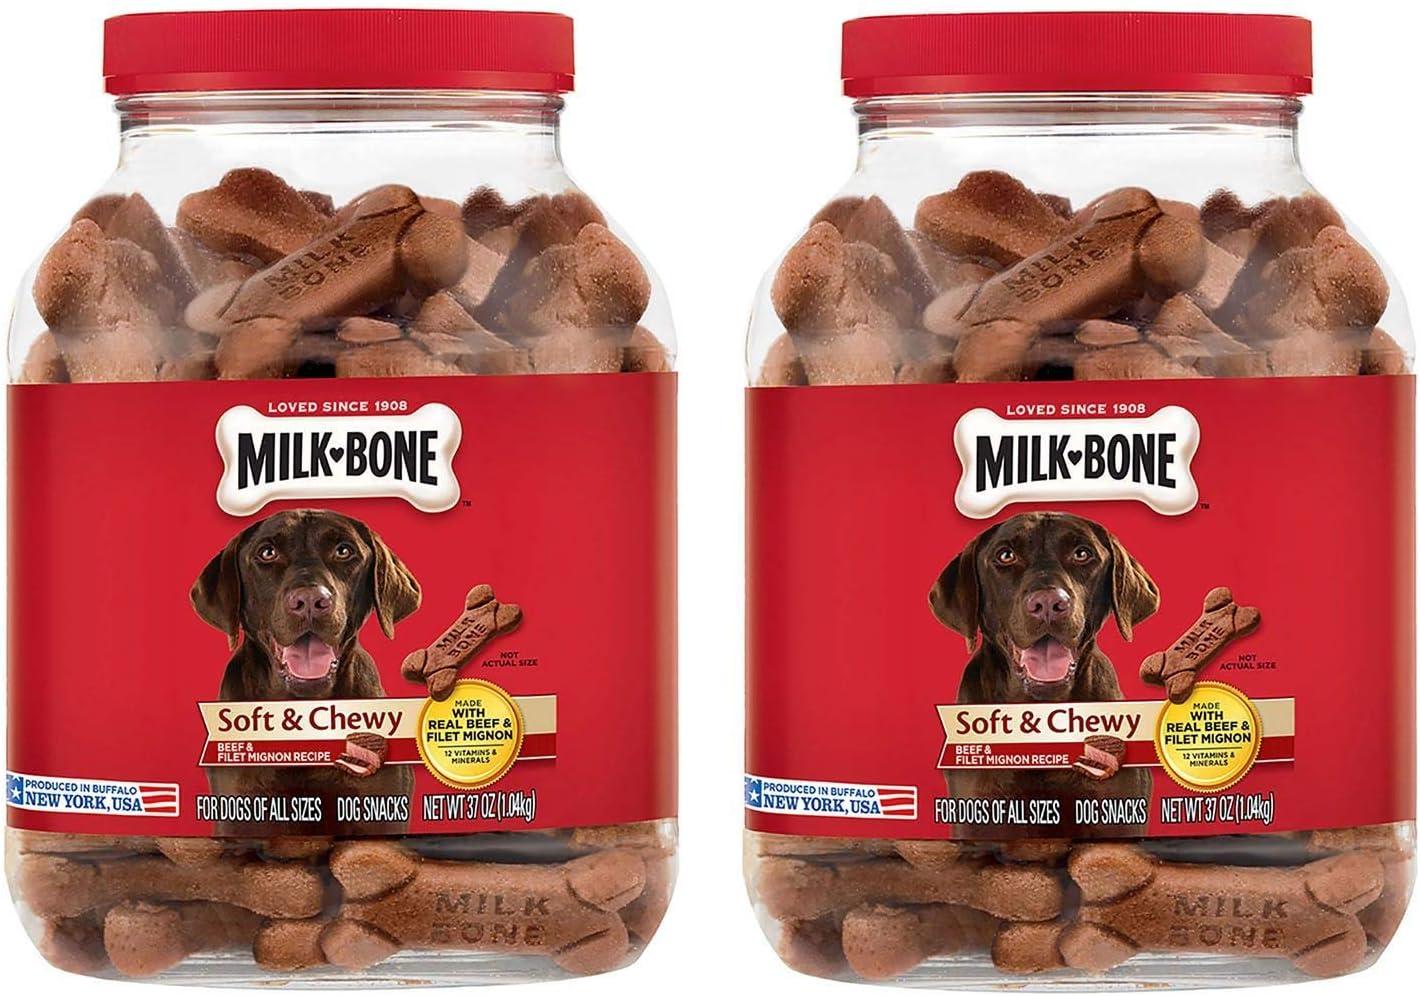 Milk-Bone Soft & Chewy Beef & Filet Mignon Recipe Dog Snacks (37 oz.)